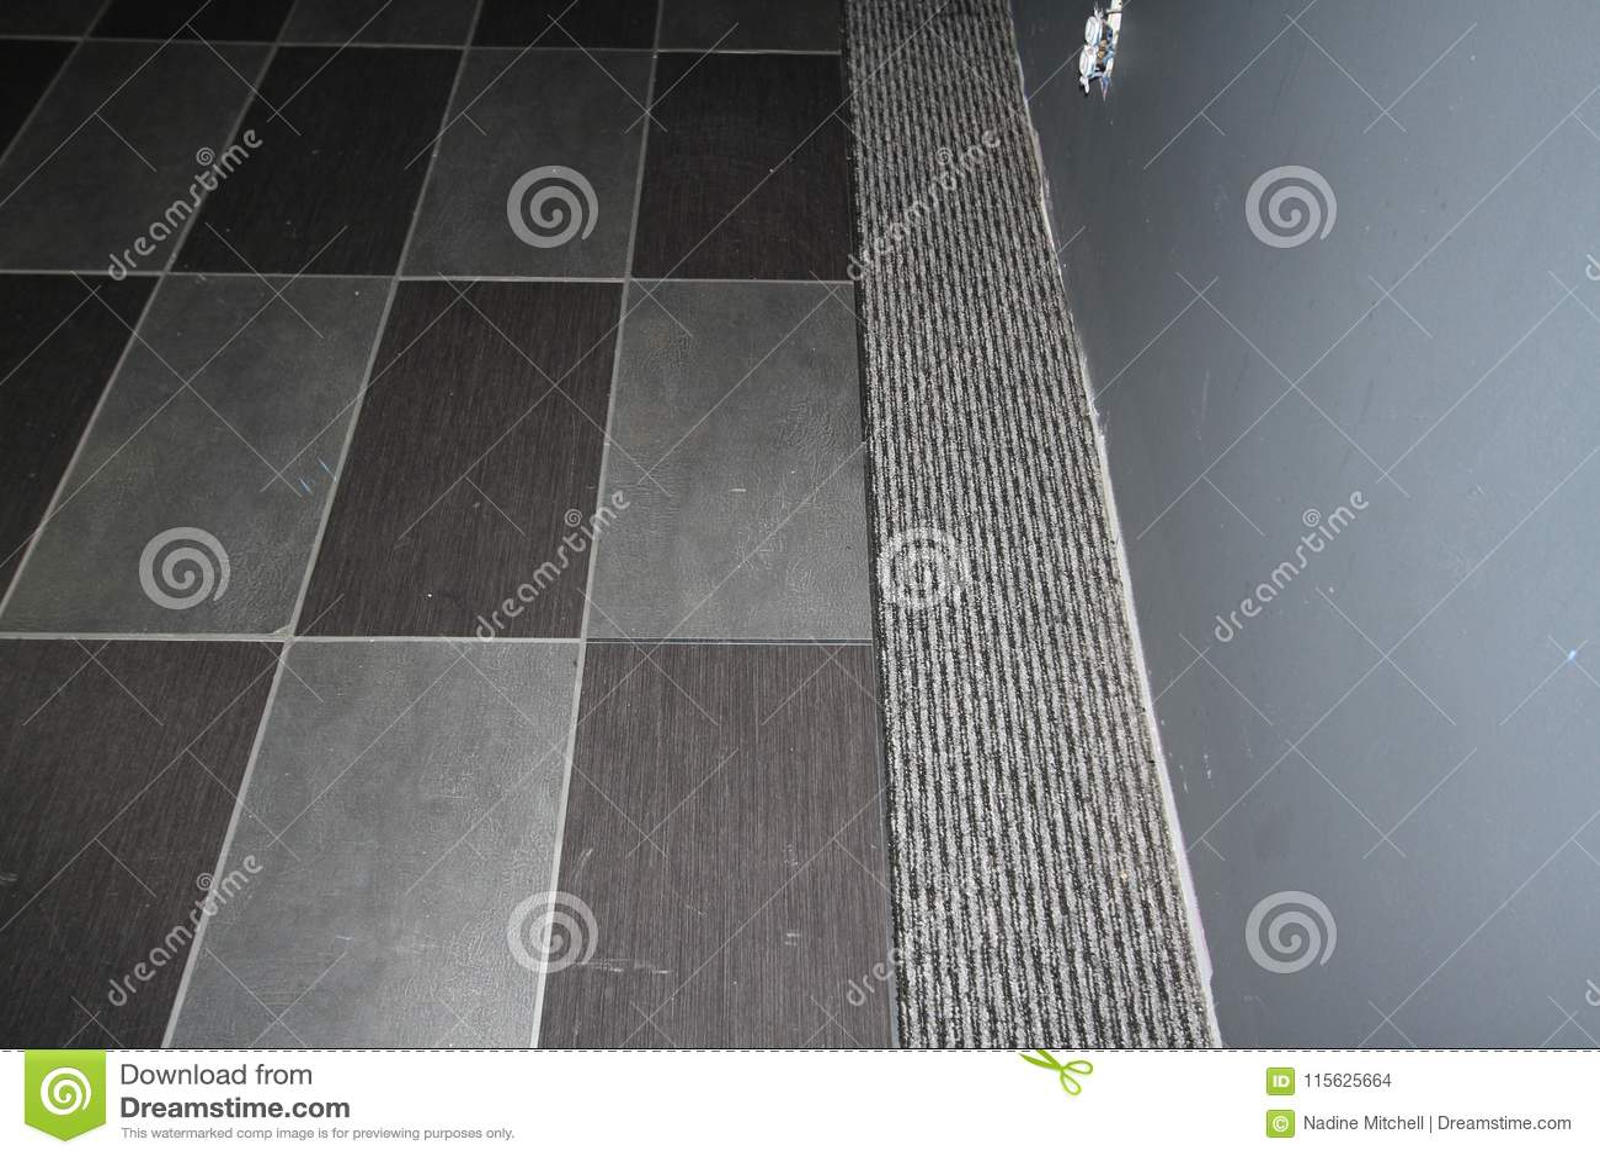 Legen Sie Die Fliesen Mit Teppich Aus Die In Einen Grauen Teppich